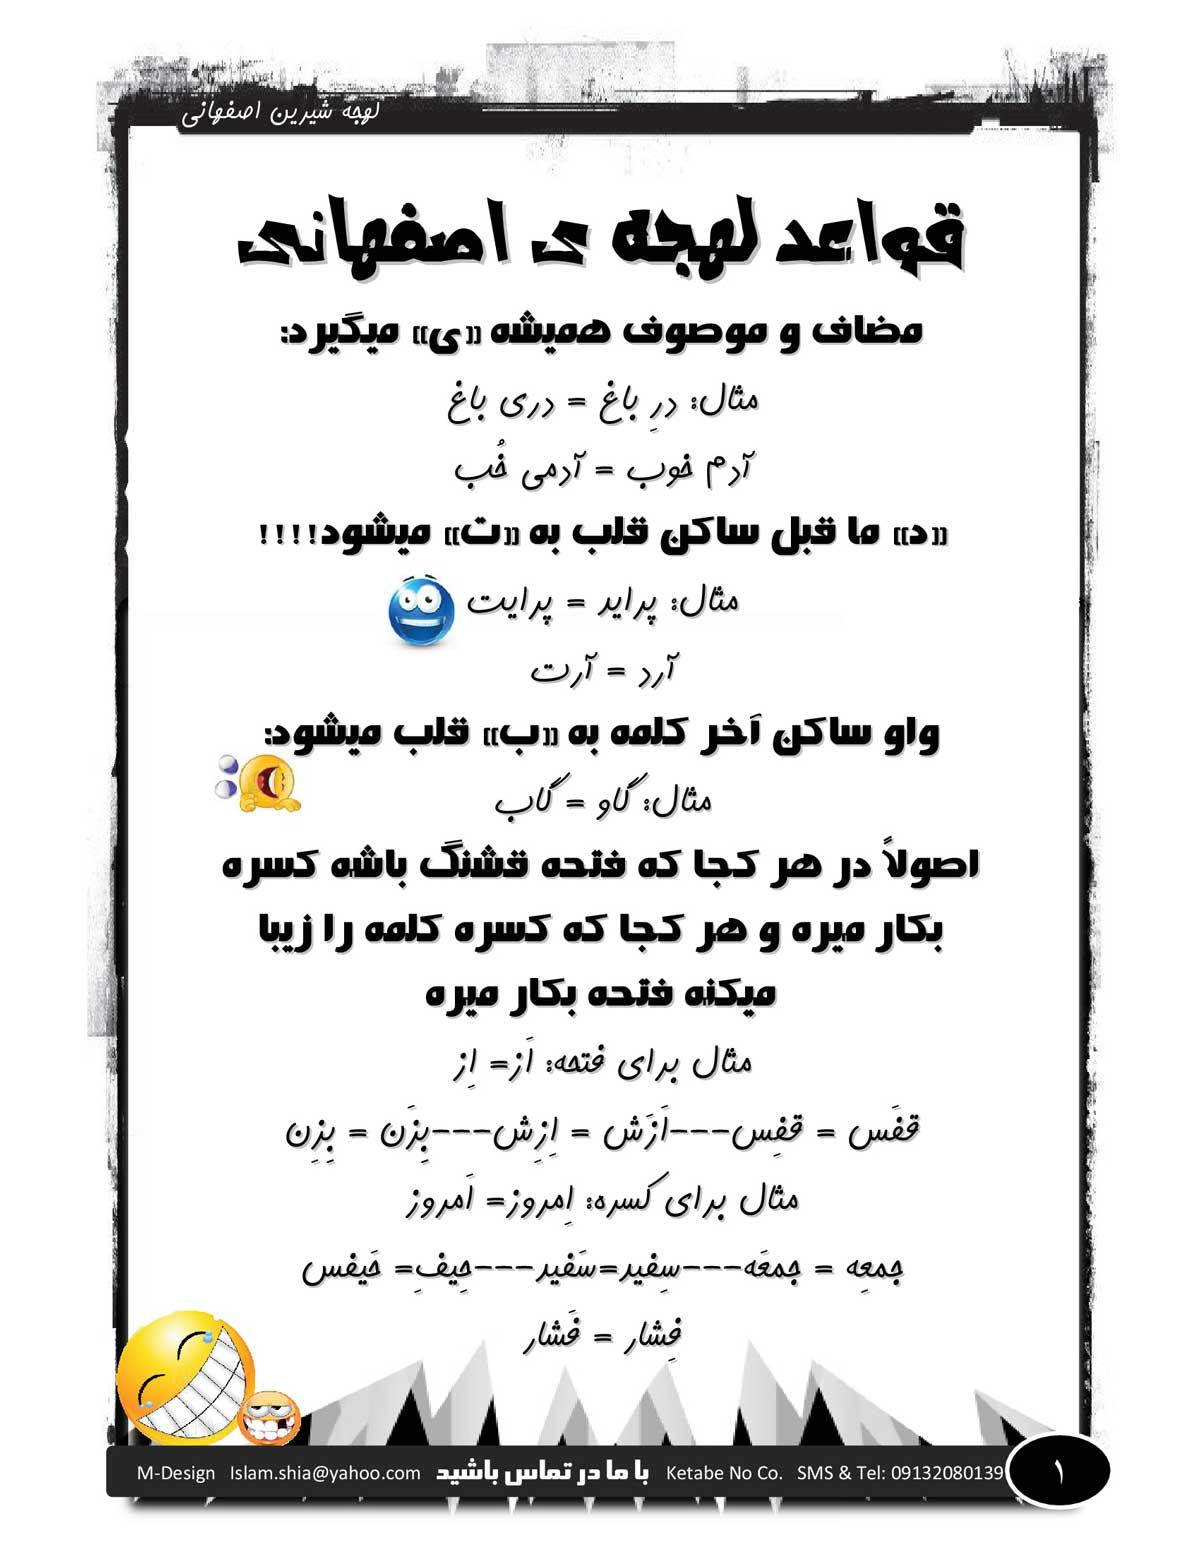 مطالب طنز اصفهانی بردهای فرهنگی مسعود مردیها